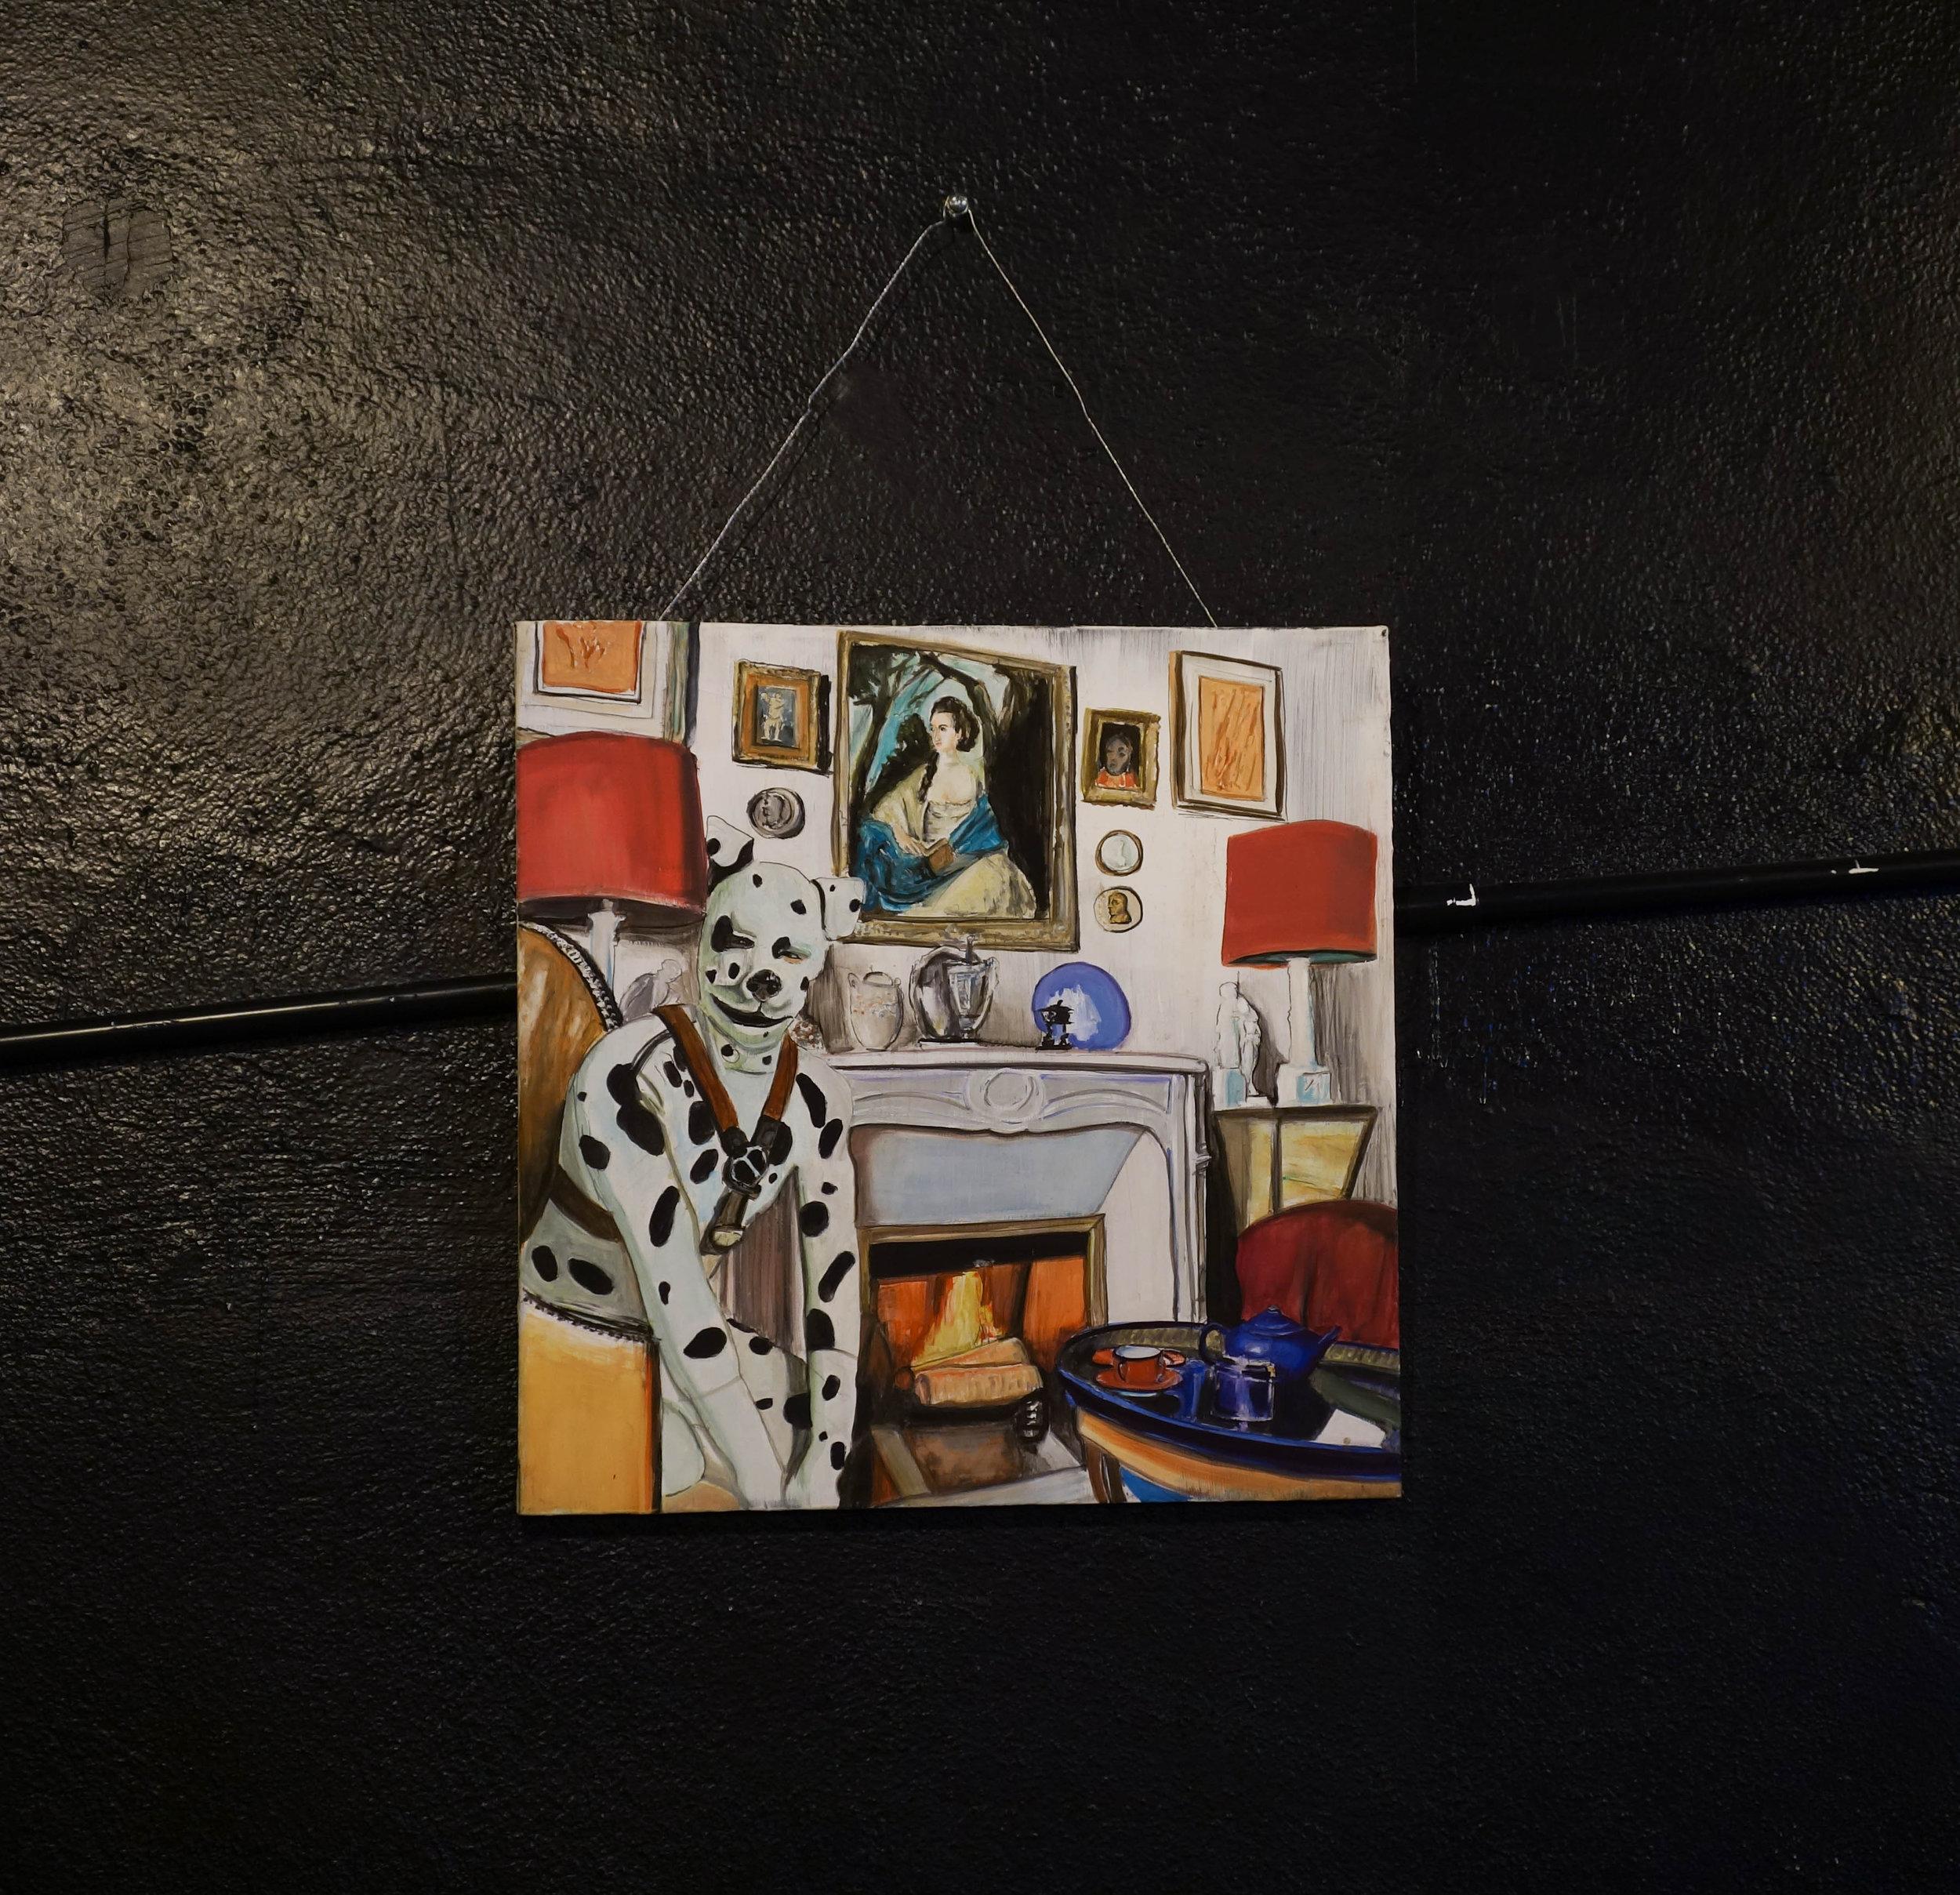 Hanspeter (Hampi), 2017. Oil on canvas. 20 in. x 20 in. (50.80 cm. x 50.80 cm.)